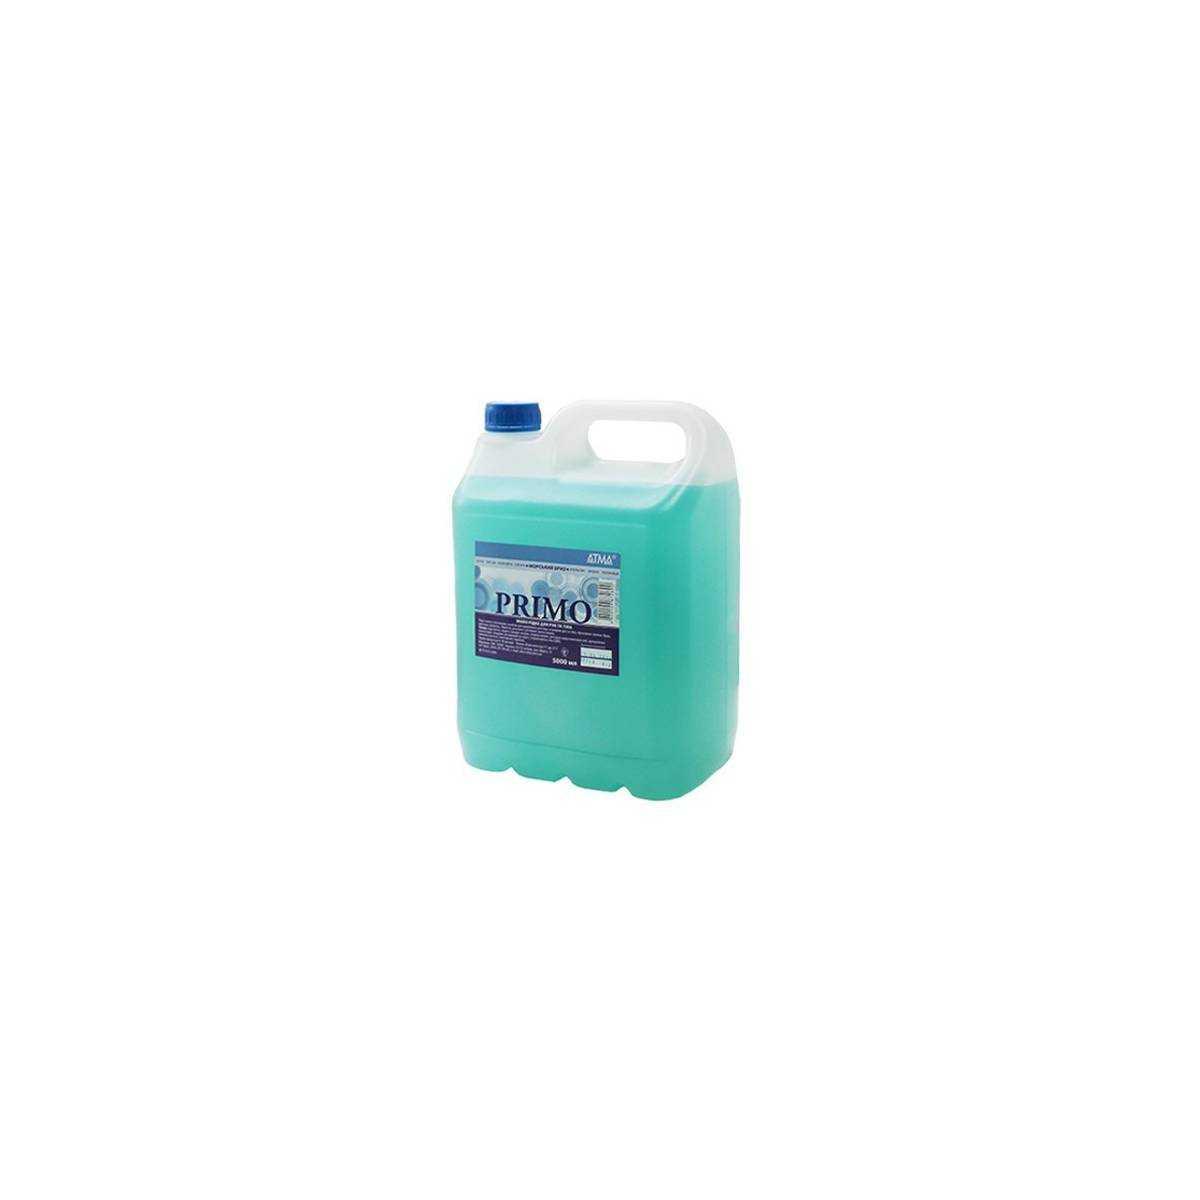 Мыло жидкое PRIMO Морской бриз 5л 1M 075000 Атма